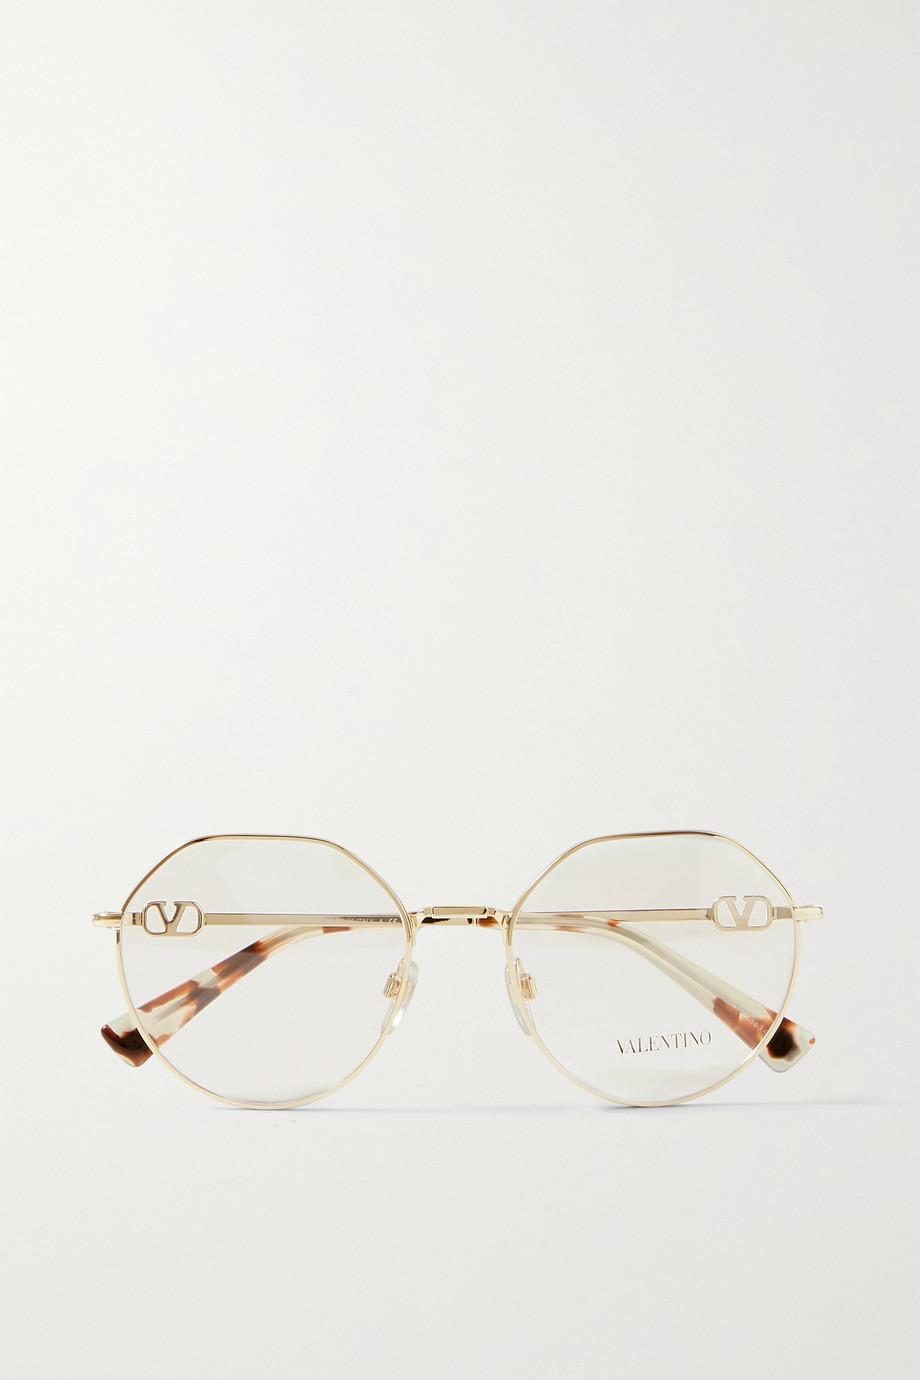 Valentino Valentino Garavani goldfarbene Brille mit rundem Rahmen